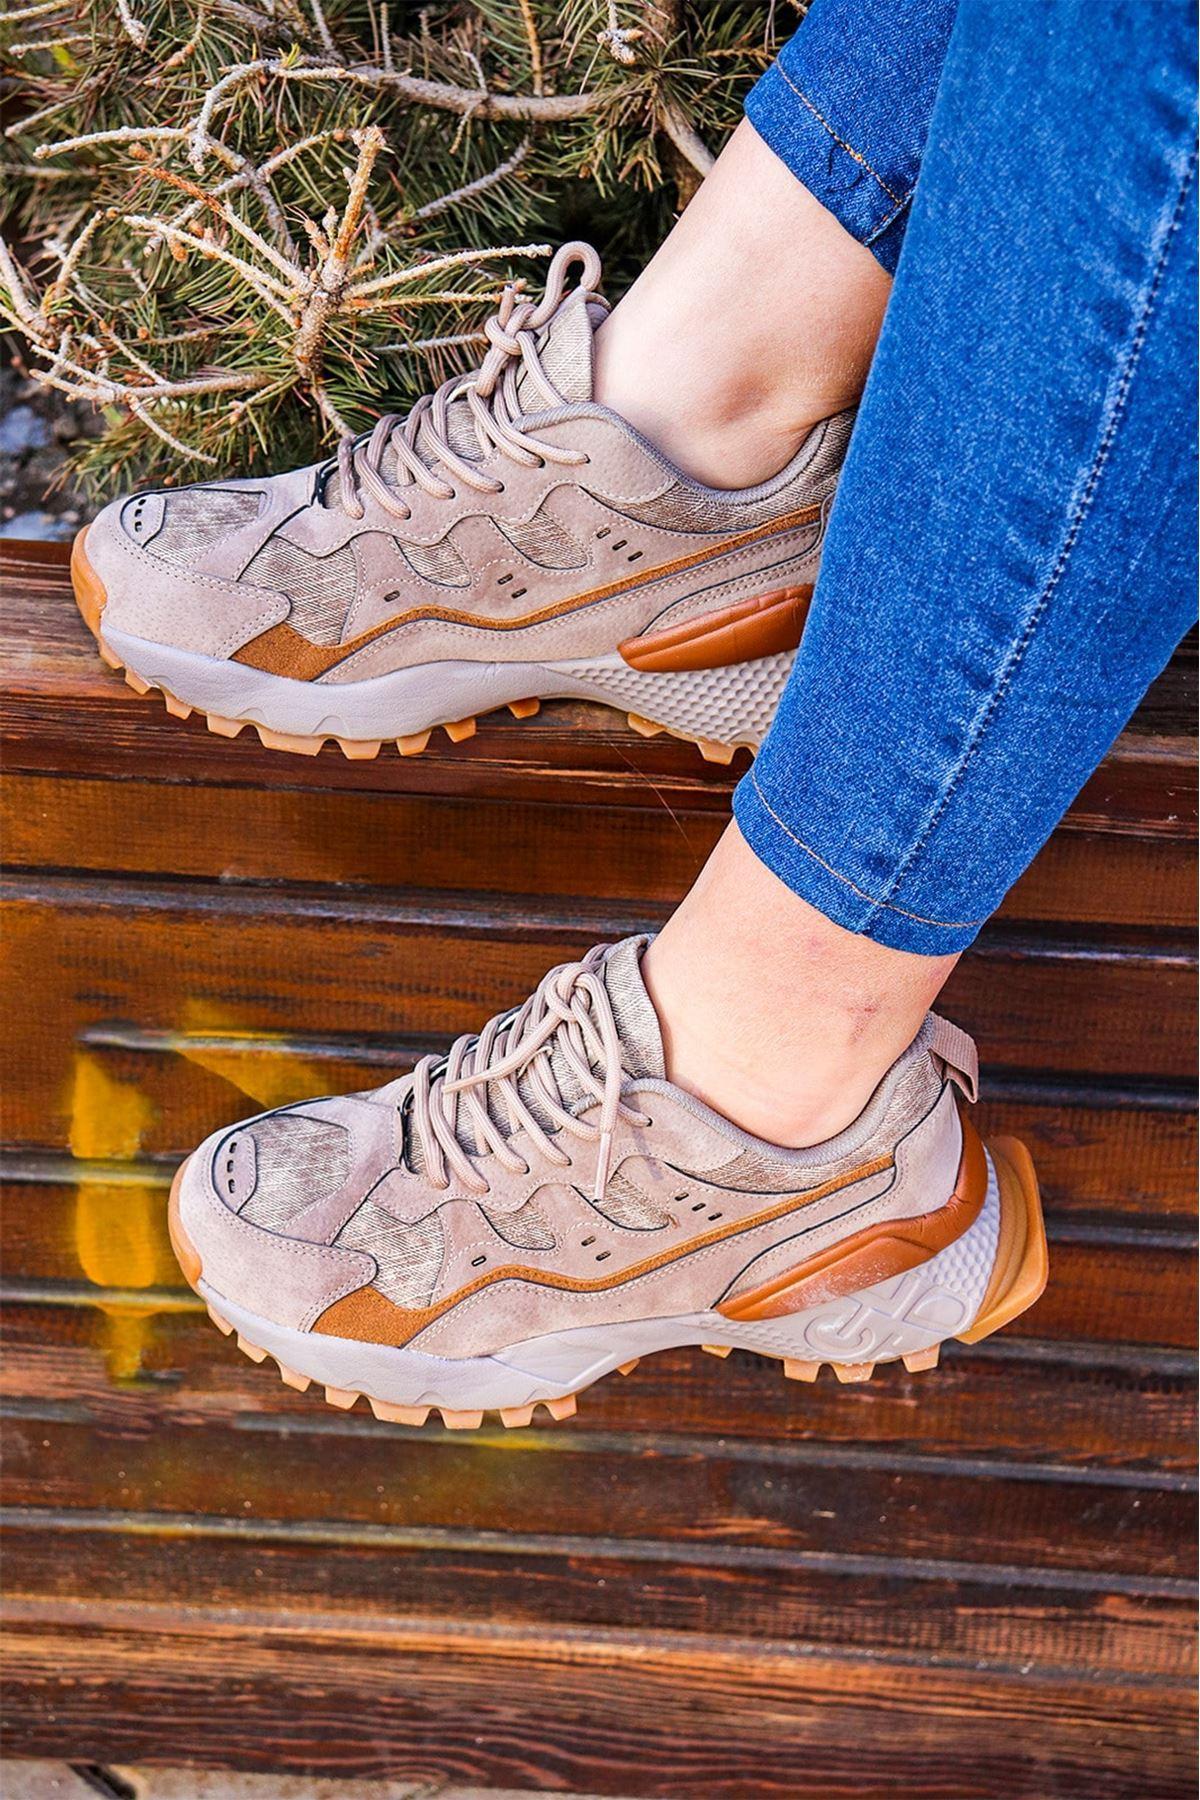 Jump - Bej Kadın Spor Ayakkabısı